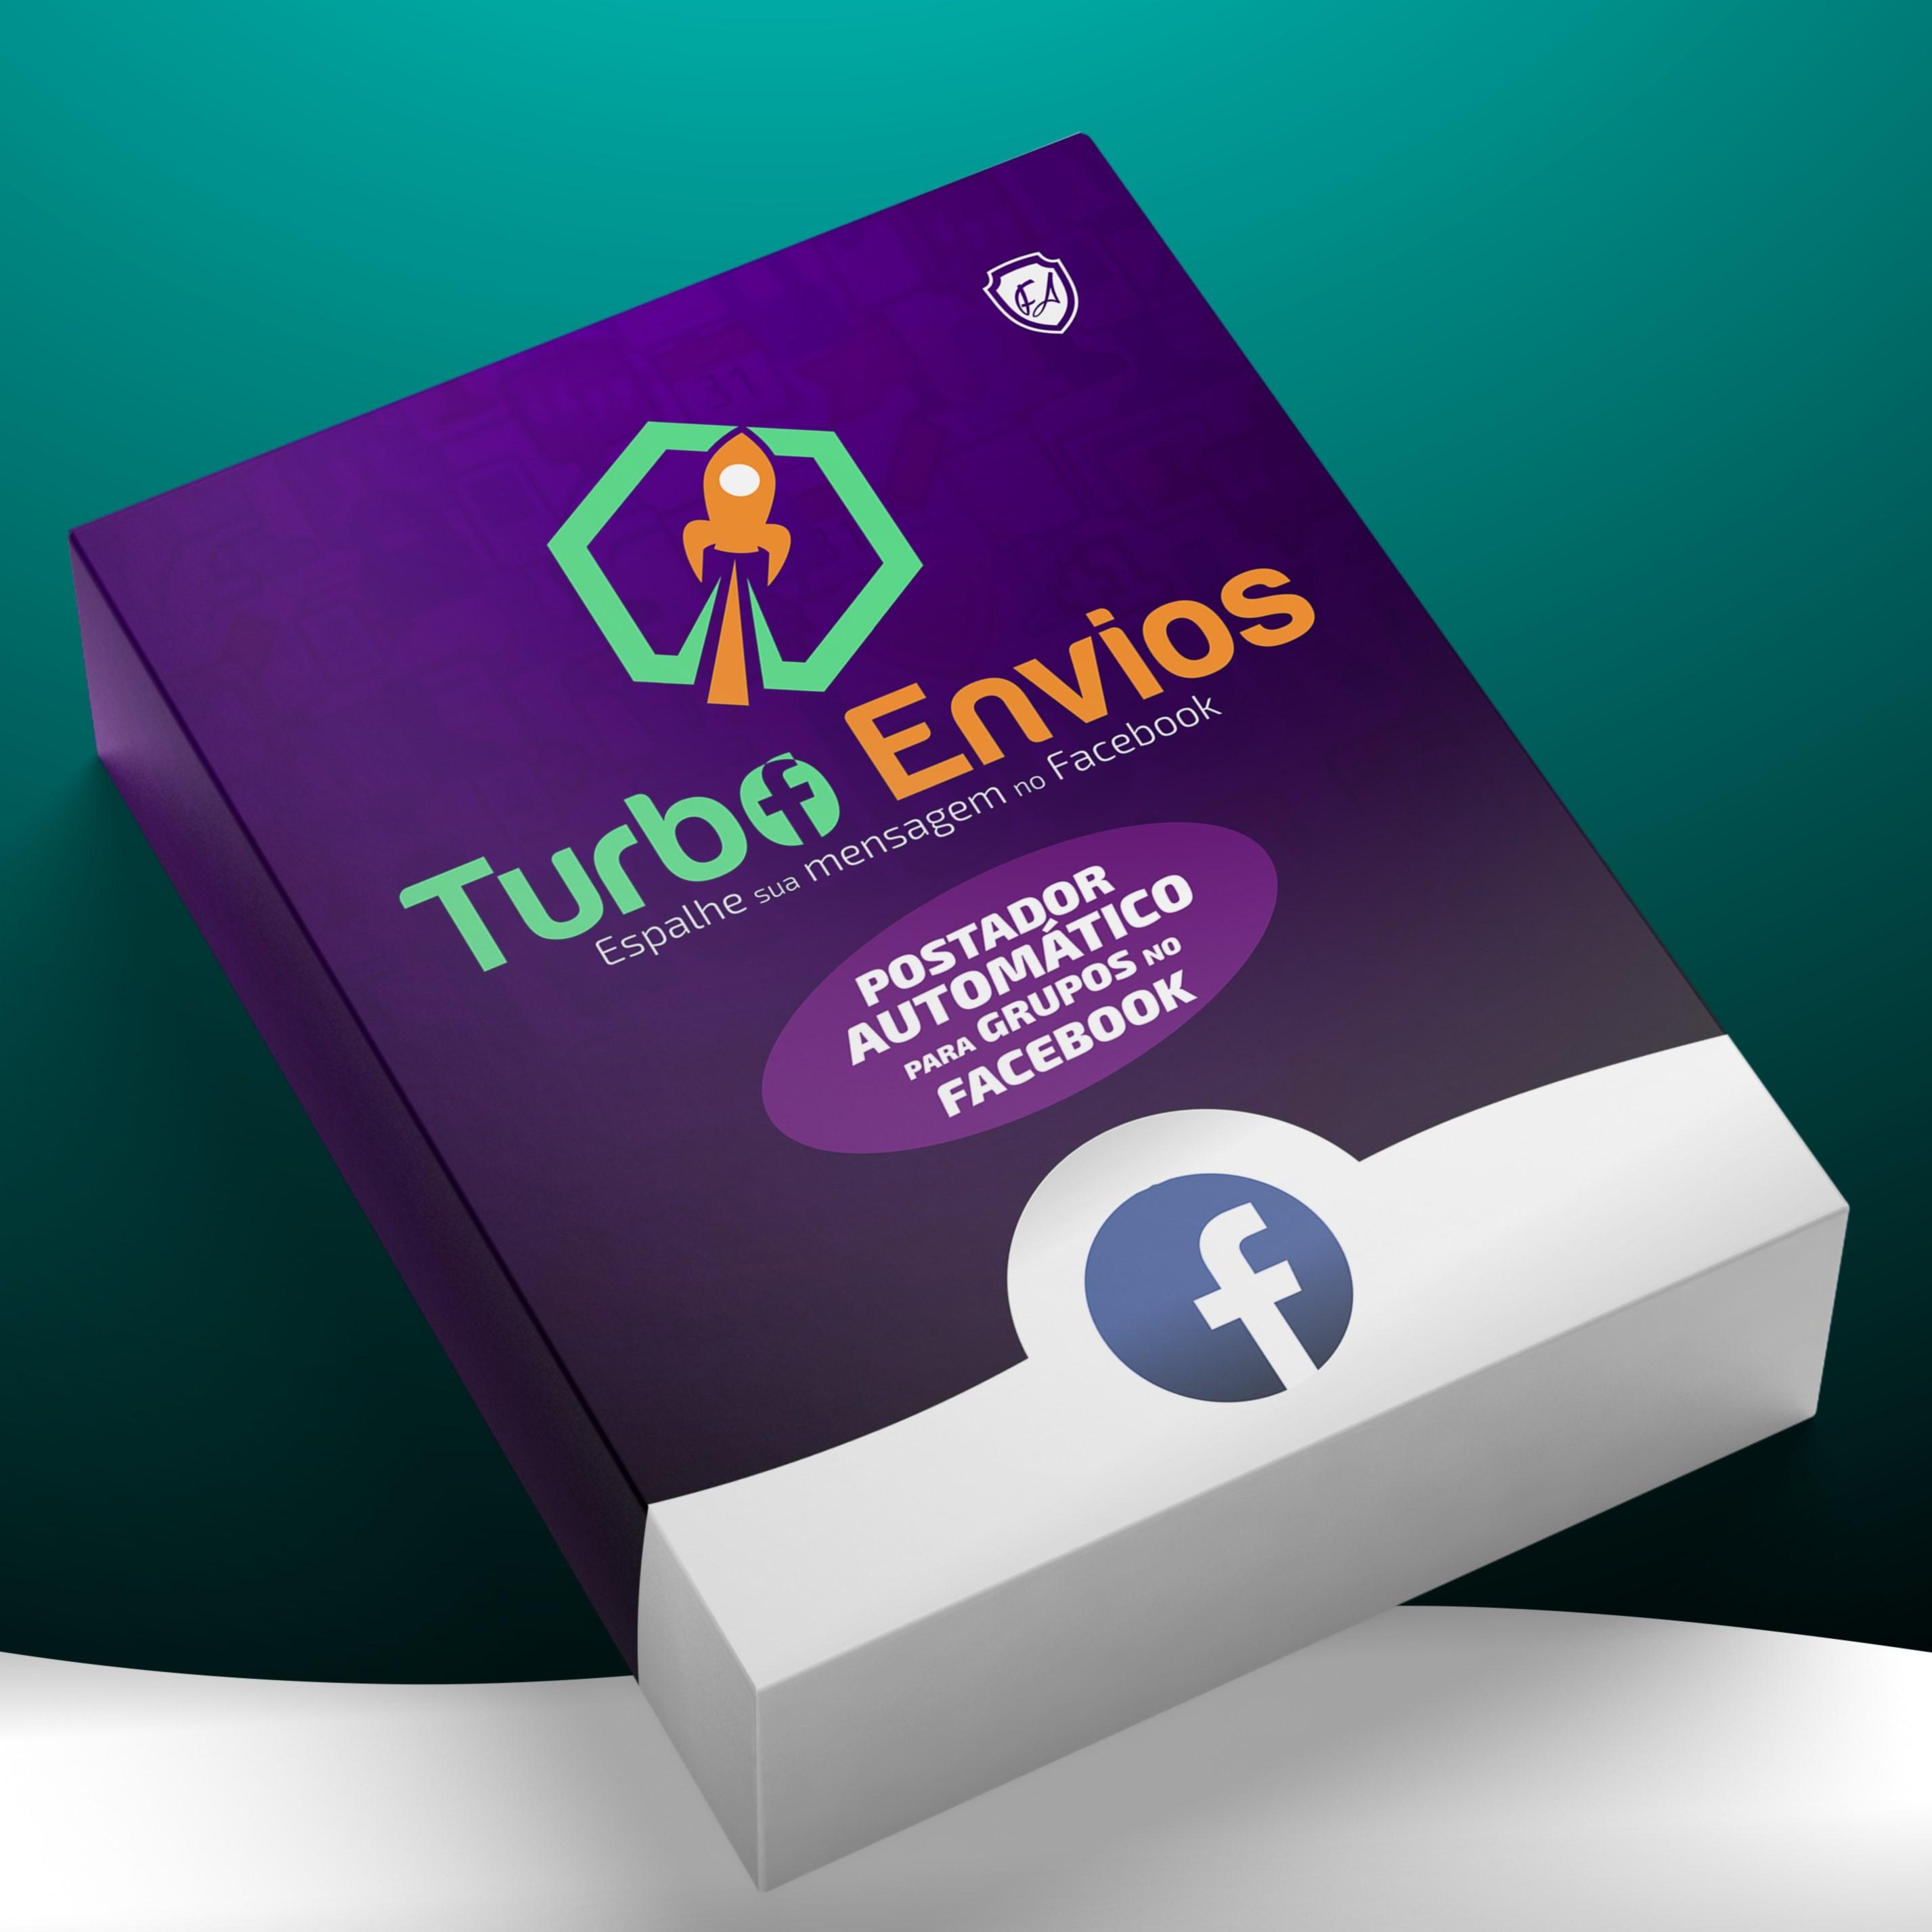 Turbo Envio